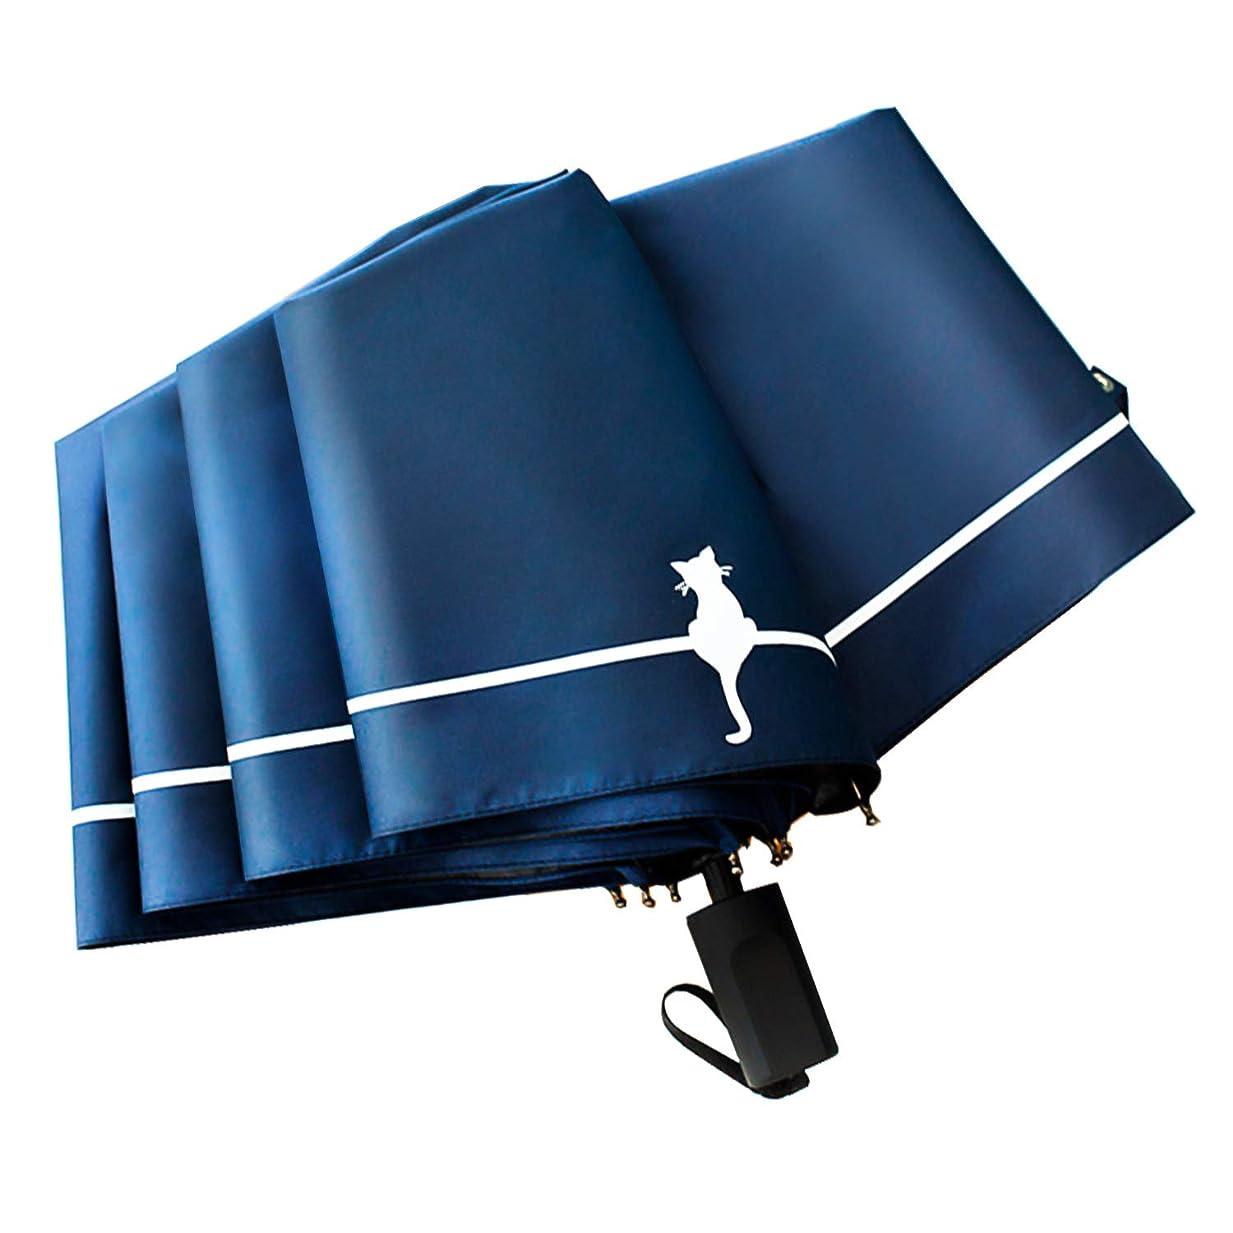 ボルトカジュアルいくつかの折りたたみ傘 軽量 晴雨兼用 耐風構造 UPF50+ UVカット 日傘 100遮光 遮熱 高耐久度 超撥水 梅雨対策 97cm広さ 8本傘骨 折り畳み傘 ケース 収納ポーチ付き (ブルー)